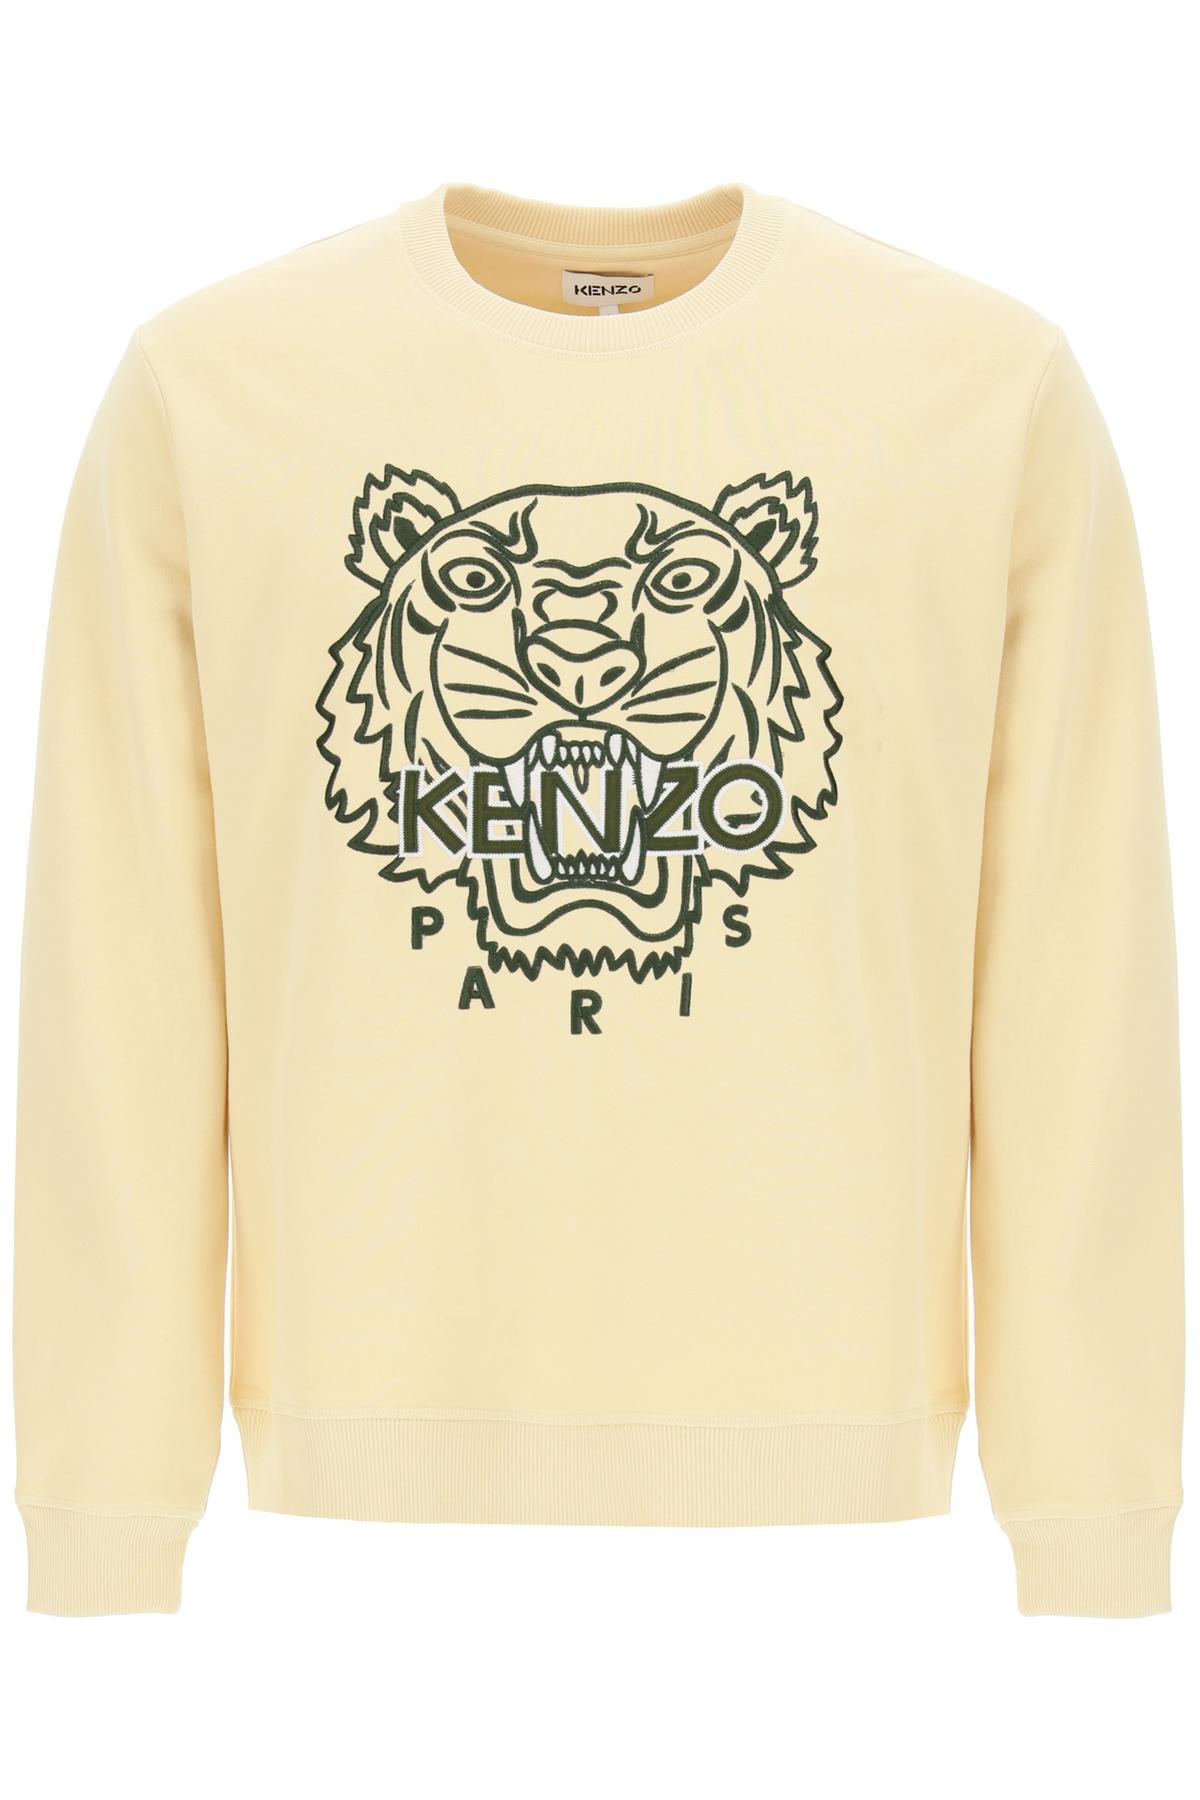 Kenzo felpa girocollo ricamo tiger